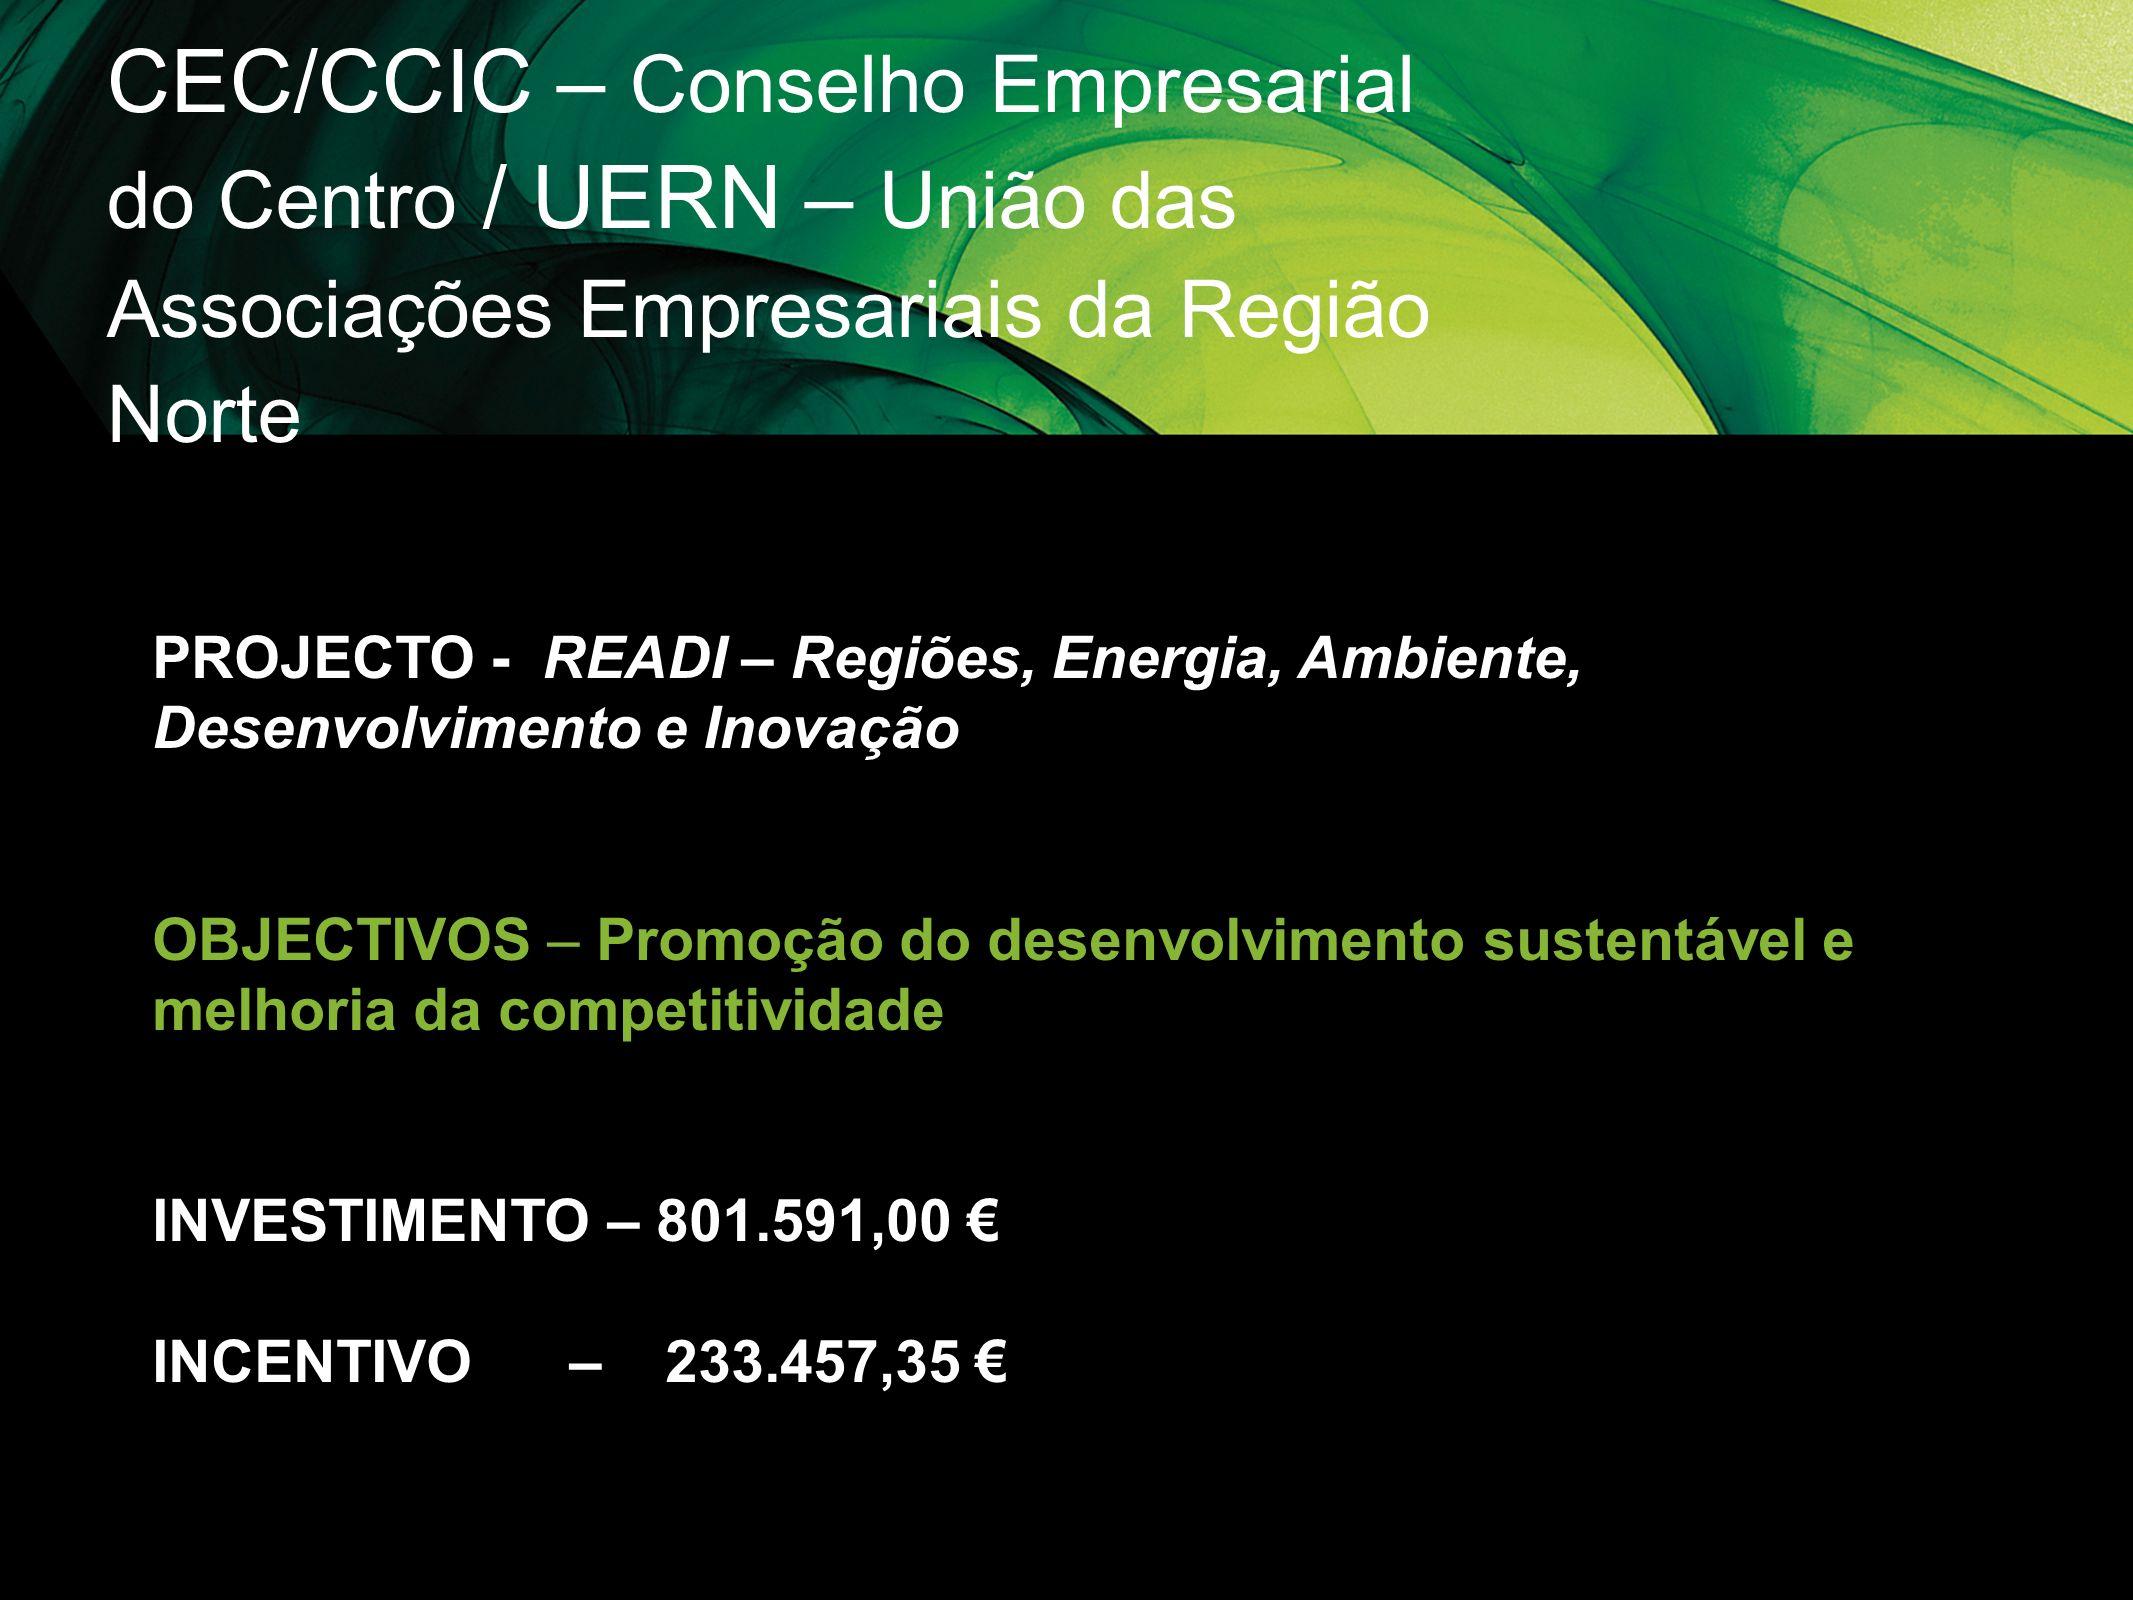 CEC/CCIC – Conselho Empresarial do Centro / UERN – União das Associações Empresariais da Região Norte